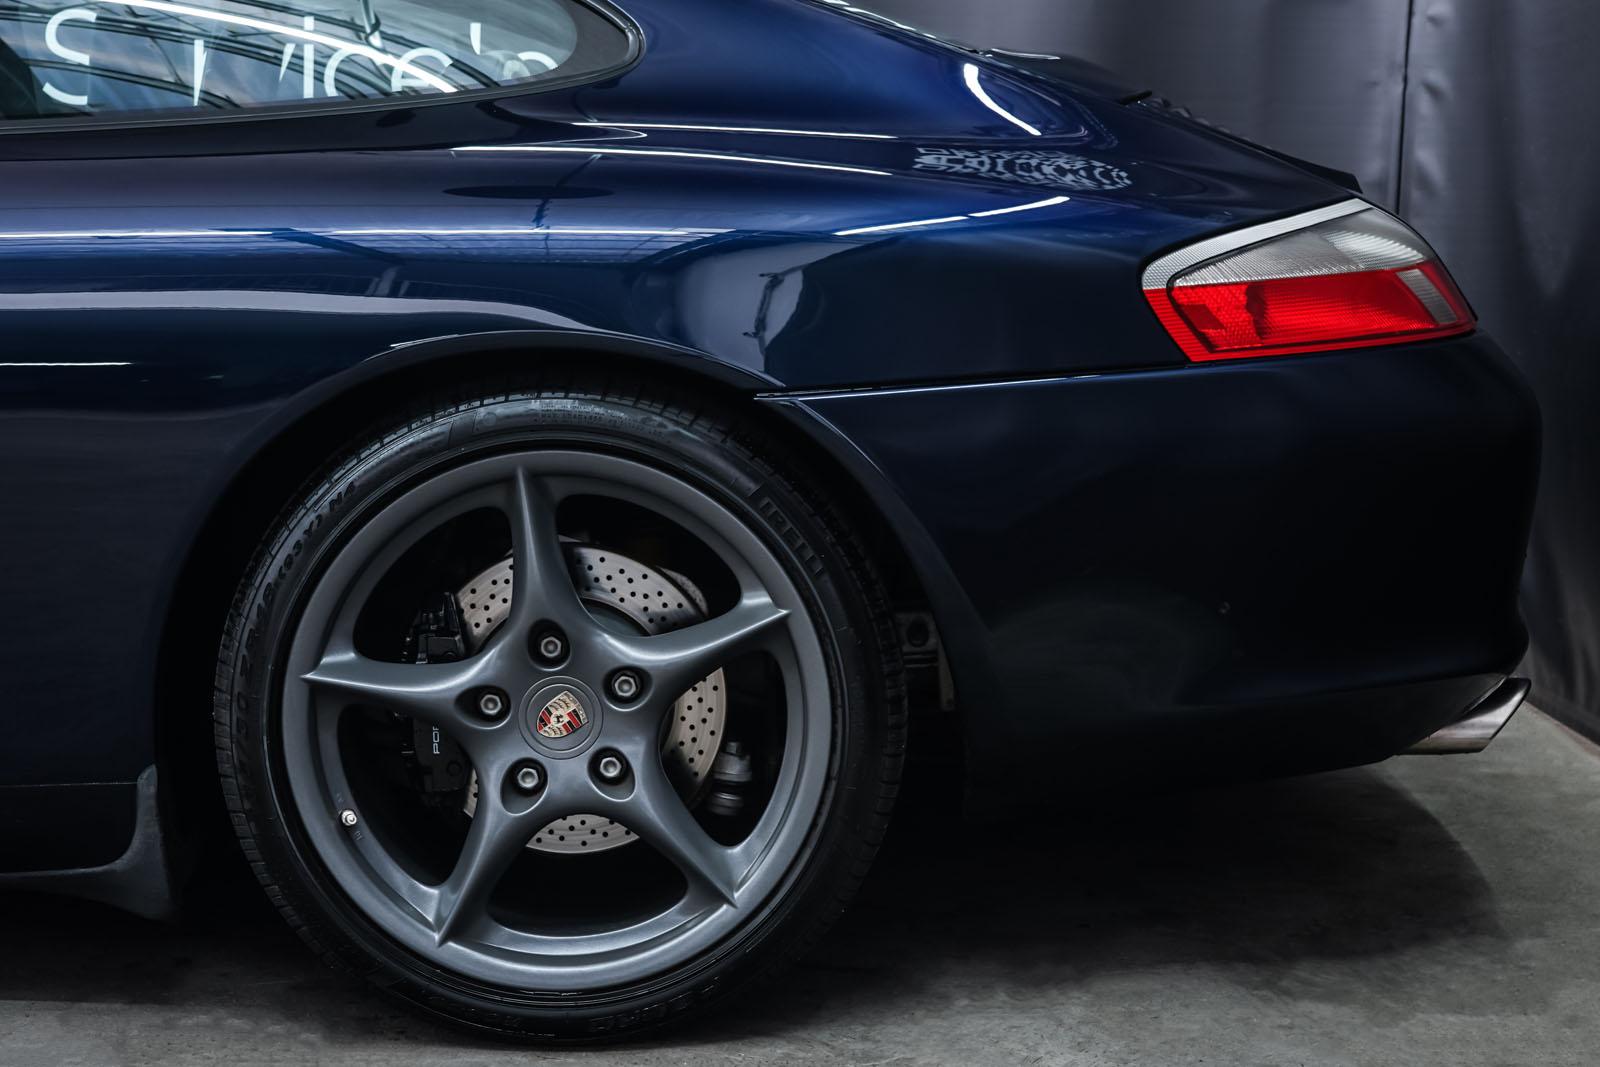 Porsche_996_Dunkelblau_Grau_POR-4337_4_w